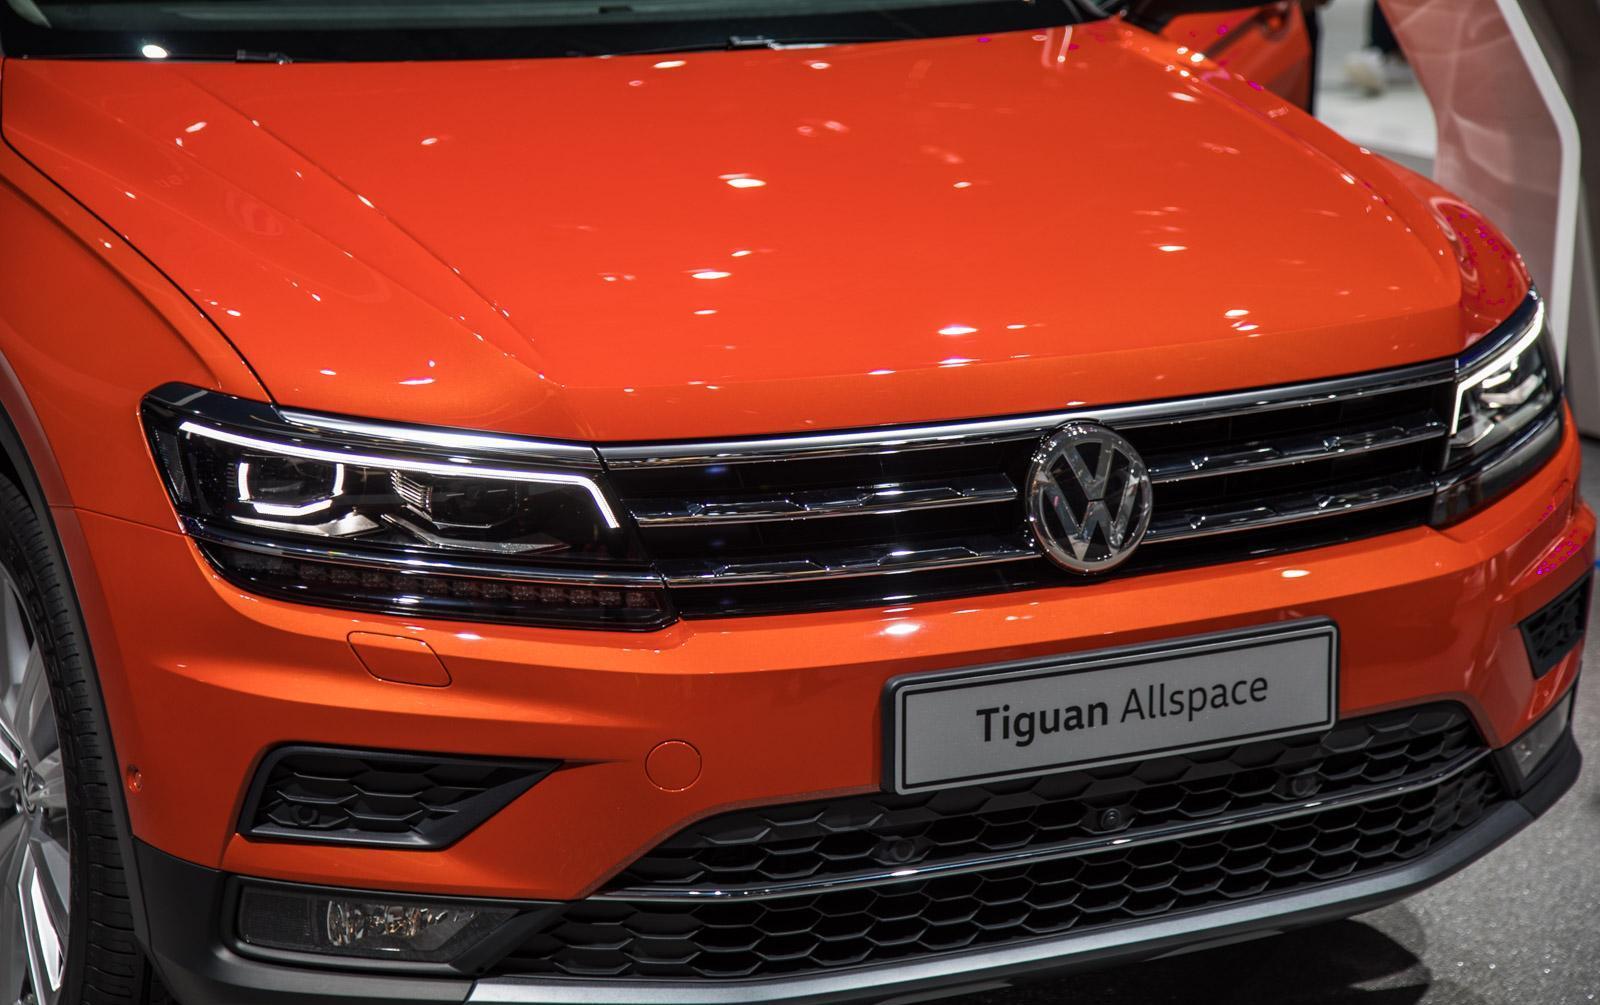 Volkswagen-Tiguan-Allspace-003